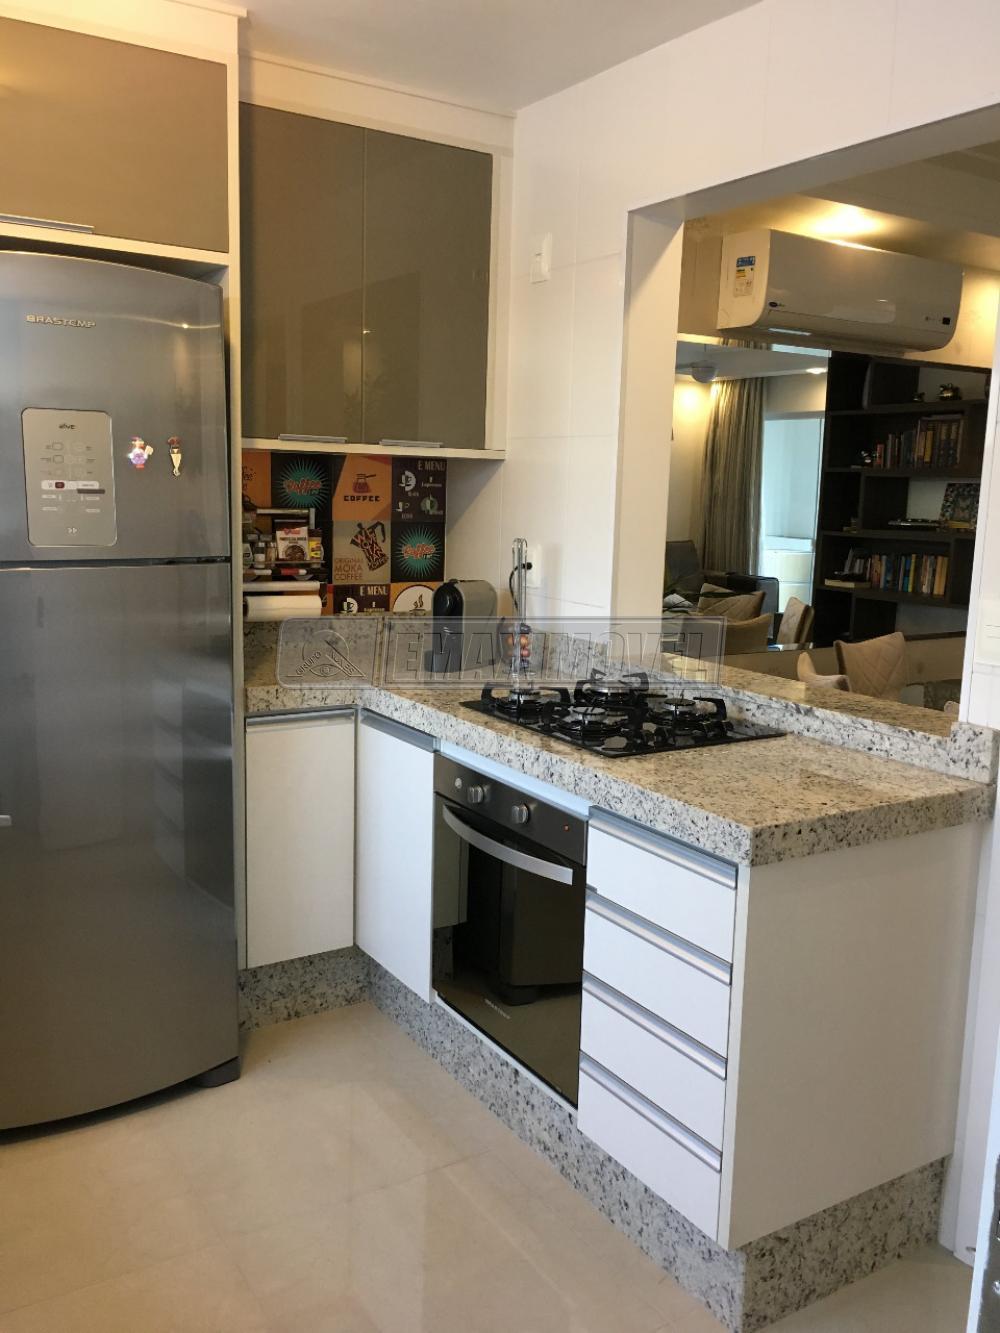 Comprar Apartamentos / Apto Padrão em Sorocaba apenas R$ 580.000,00 - Foto 9